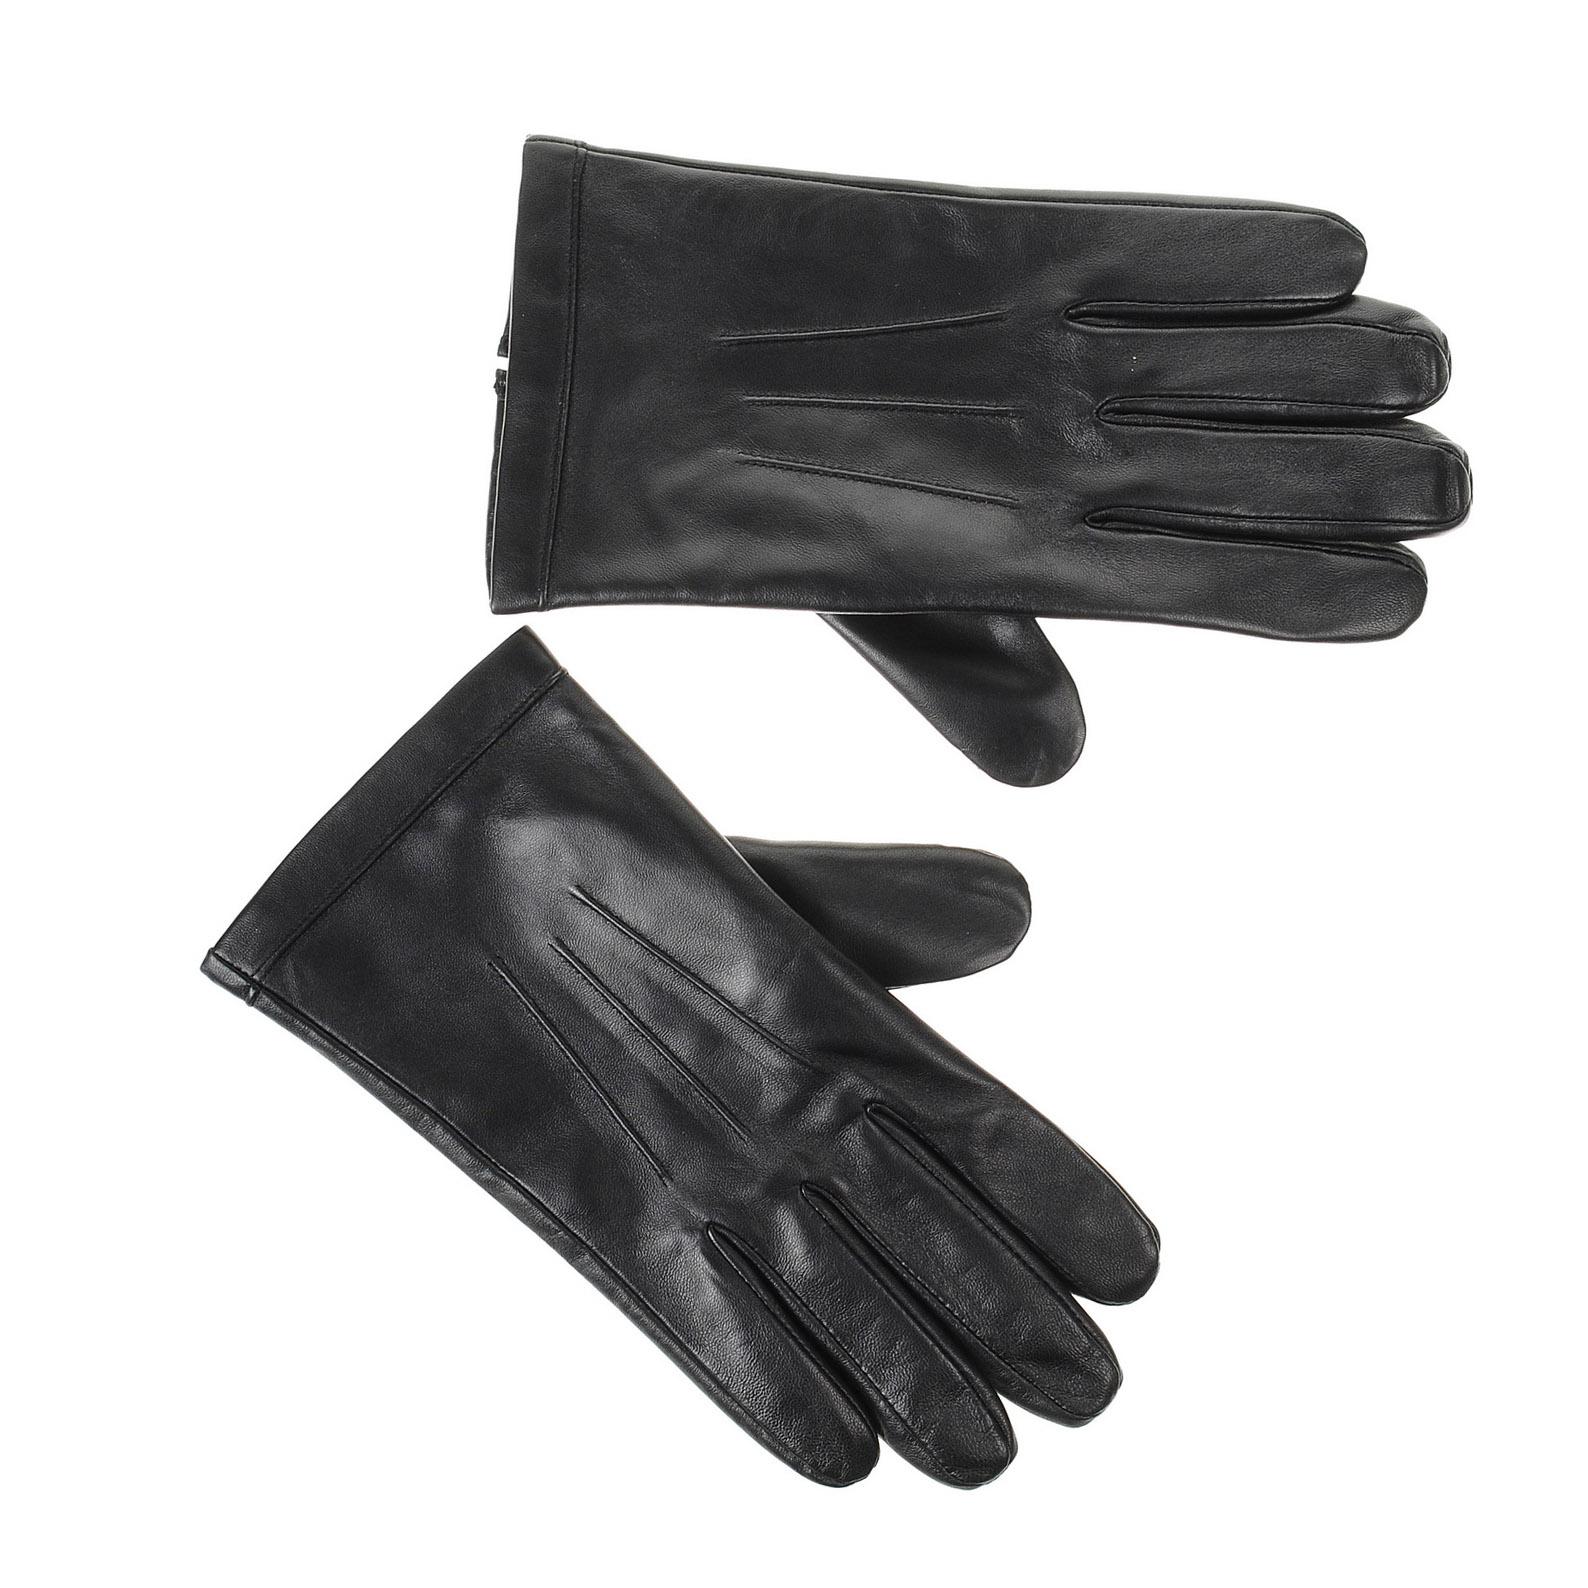 Αντρικά Δερμάτινα Γάντια Guy Laroche 98953 ανδρας   αντρικό γάντι